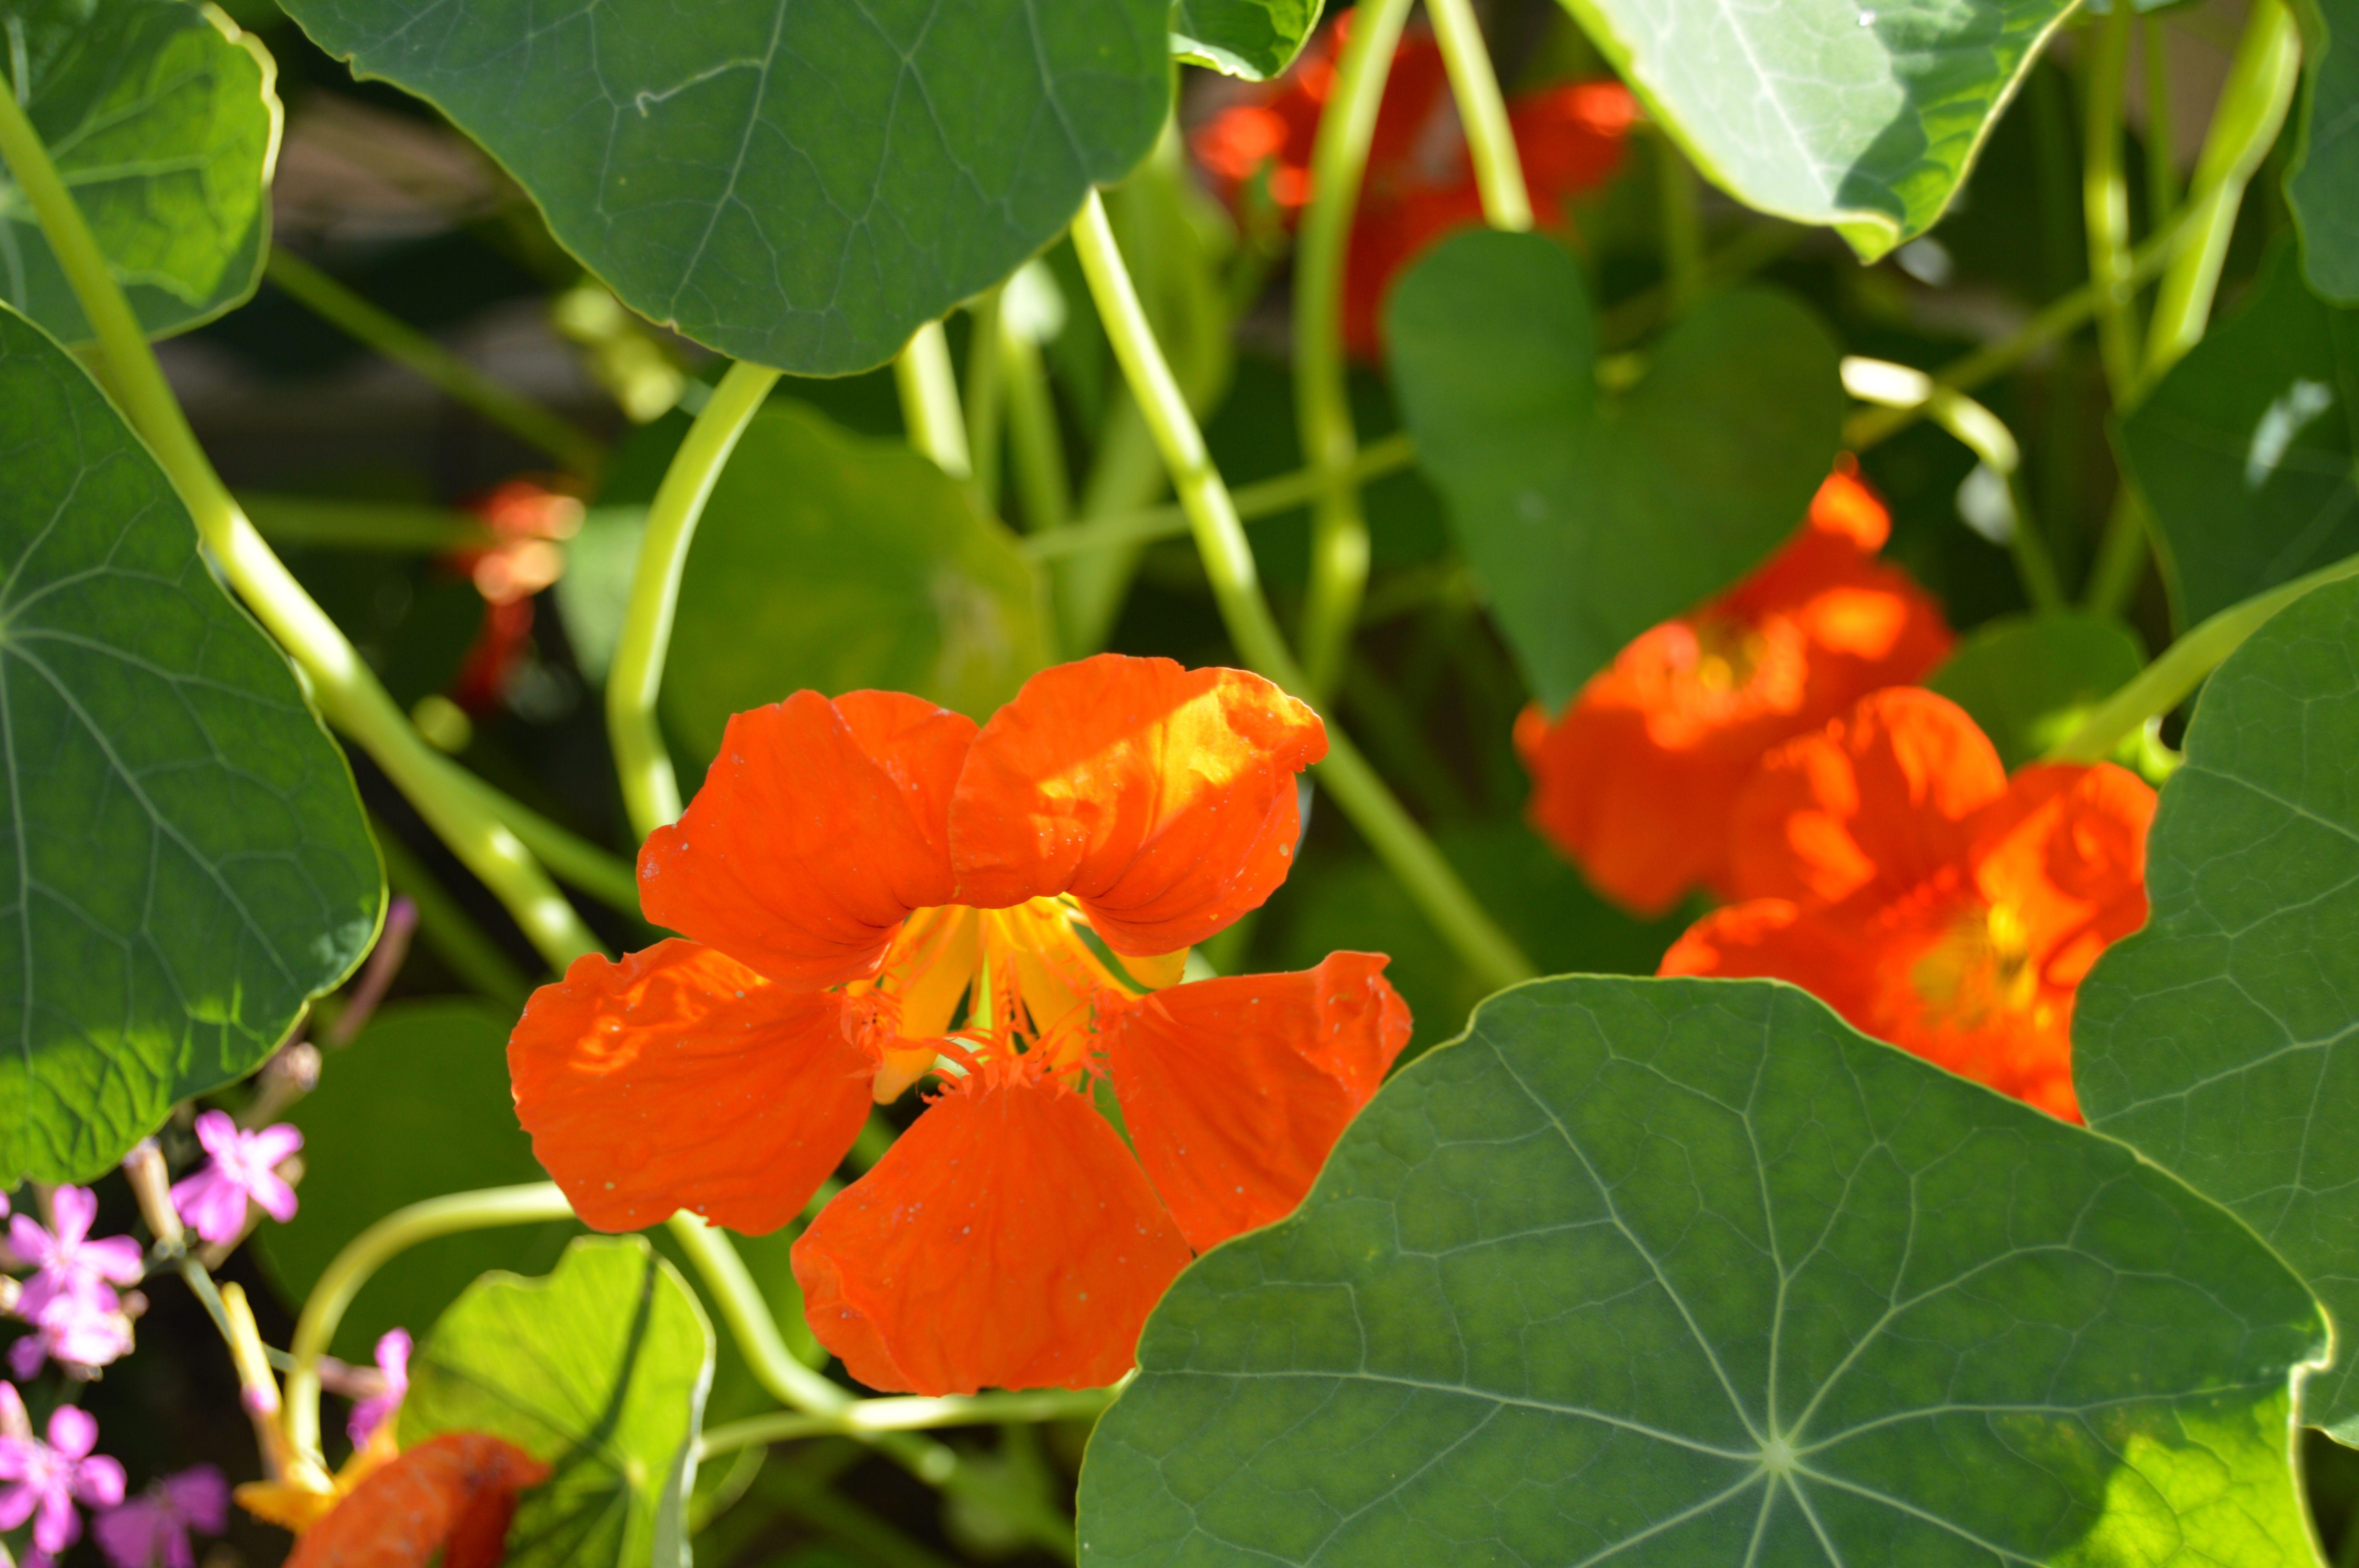 Capucine | Fleurs, Capucine, Plante